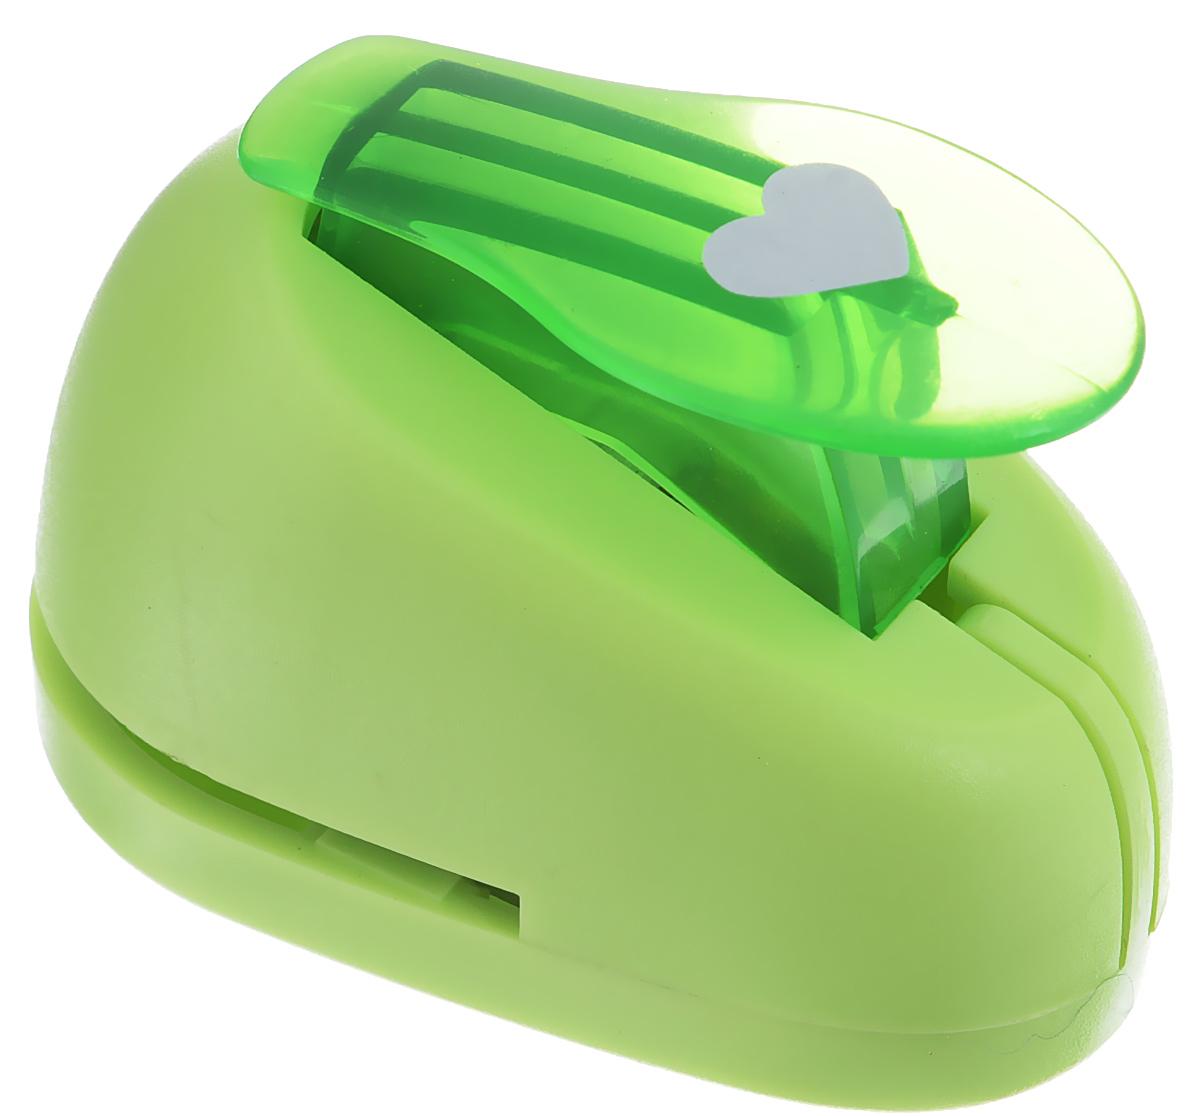 Дырокол фигурный Hobbyboom Сердце, №23, цвет: зеленый, 1 х 0,8 смCD-99XS-023_зеленыйФигурный дырокол Hobbyboom Сердце предназначен для создания творческихработ в технике скрапбукинг. С его помощью можно оригинально оформитьоткрытки, украсить подарочные коробки, конверты, фотоальбомы.Дырокол вырезает из бумаги идеально ровные фигурки в виде сердец, такжеиспользуется для прорезания фигурных отверстий в бумаге.Предназначен для бумаги определенной плотности - до 200 г/м2. При применениина бумаге большей плотности или на картоне дырокол быстро затупится. Чтобызаточить нож компостера, нужно прокомпостировать самую тонкую наждачку.Чтобы смазать режущий механизм - парафинированную бумагу.Порядок работы: вставьте лист бумаги или картона в дырокол и надавите рычаг. Размер вырезаемой части: 1 см х 0,8 см.